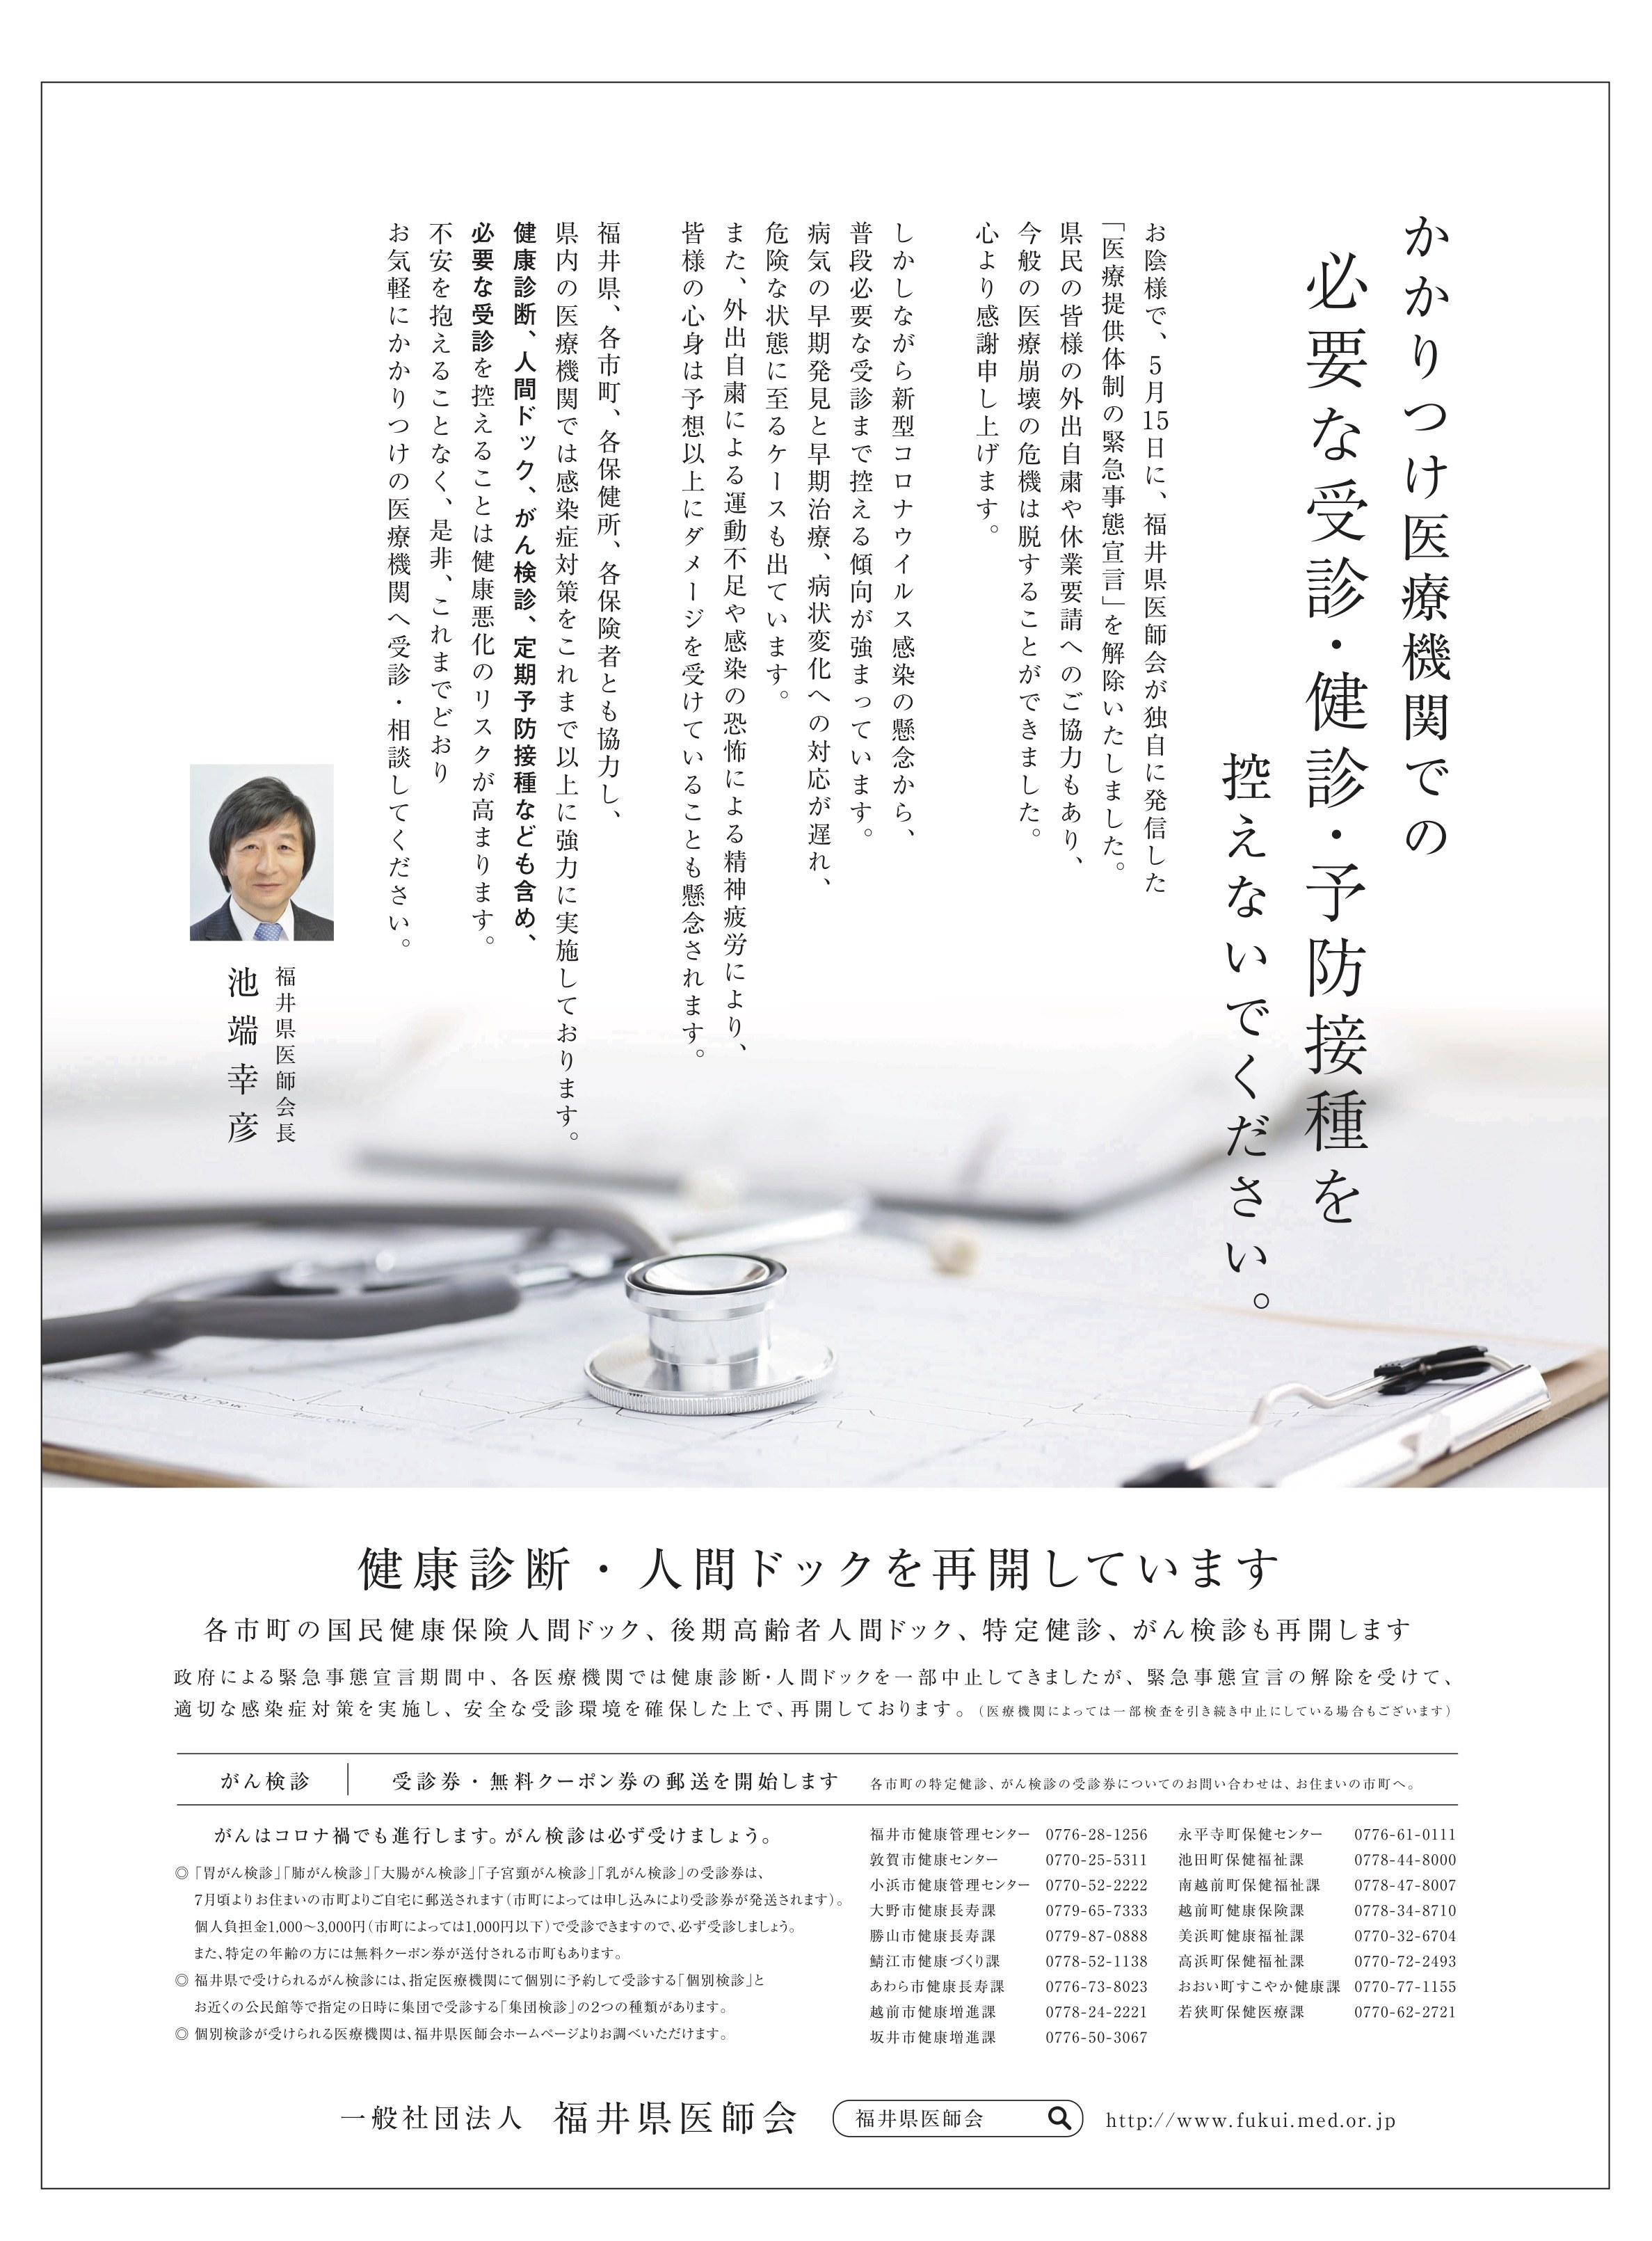 知事 福井 記者 会見 県